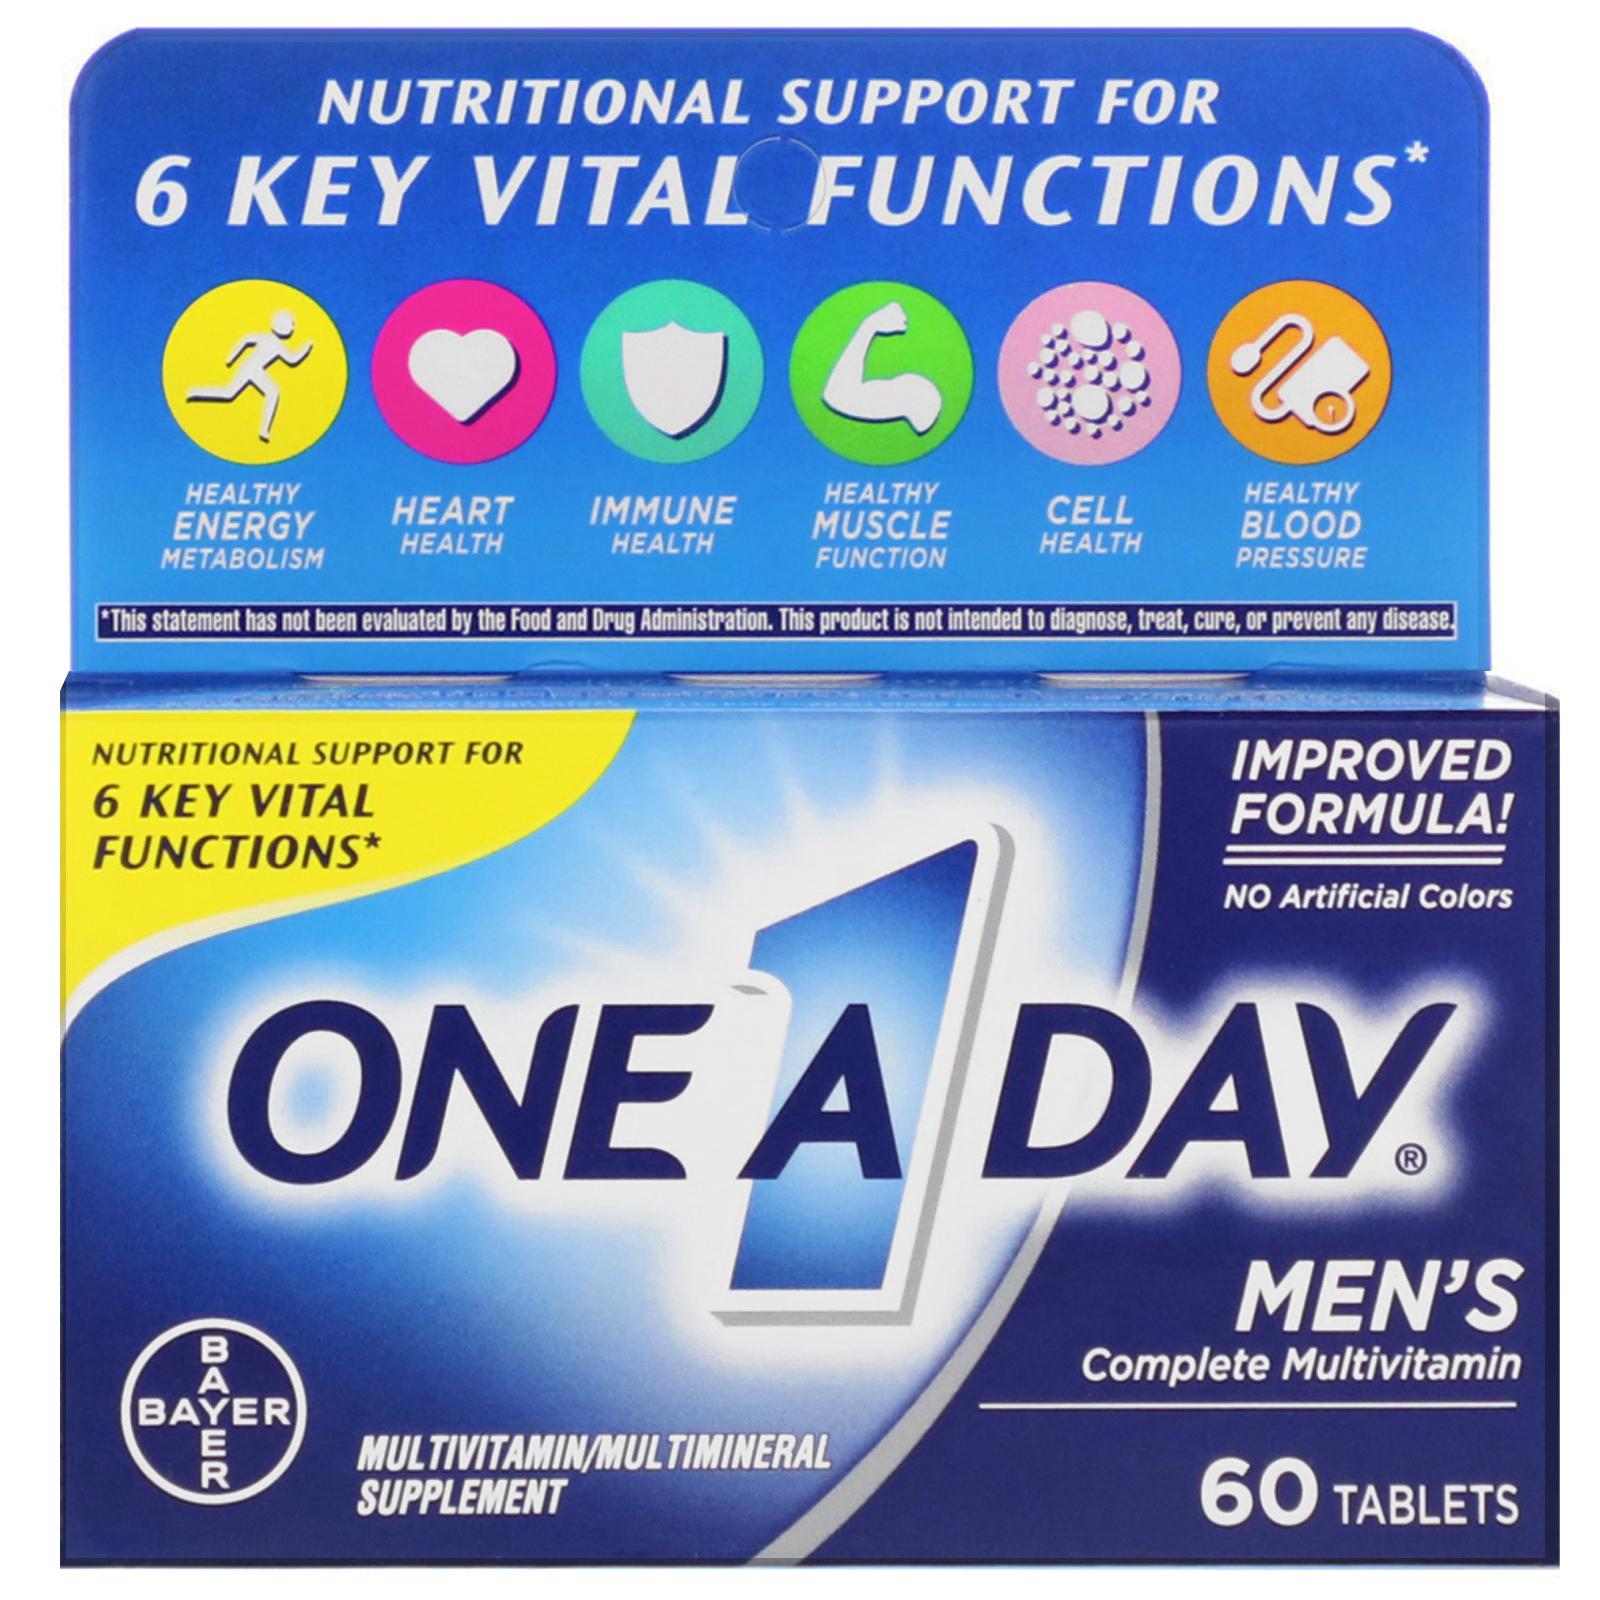 فوائد فيتامين وان داي فوائد فيتامين وان اداي للرجال فوائد فيتامين وان أ-داي للرجال سعر فيتامين one a Day فوائد فيتامين solus فوائد حبوب One a Day للرجال فوائد فيتامين وان أ-داي للنساء سعر فيتامين وان اداي للرجال سعر فيتامين وان اداي للرجال في مصر